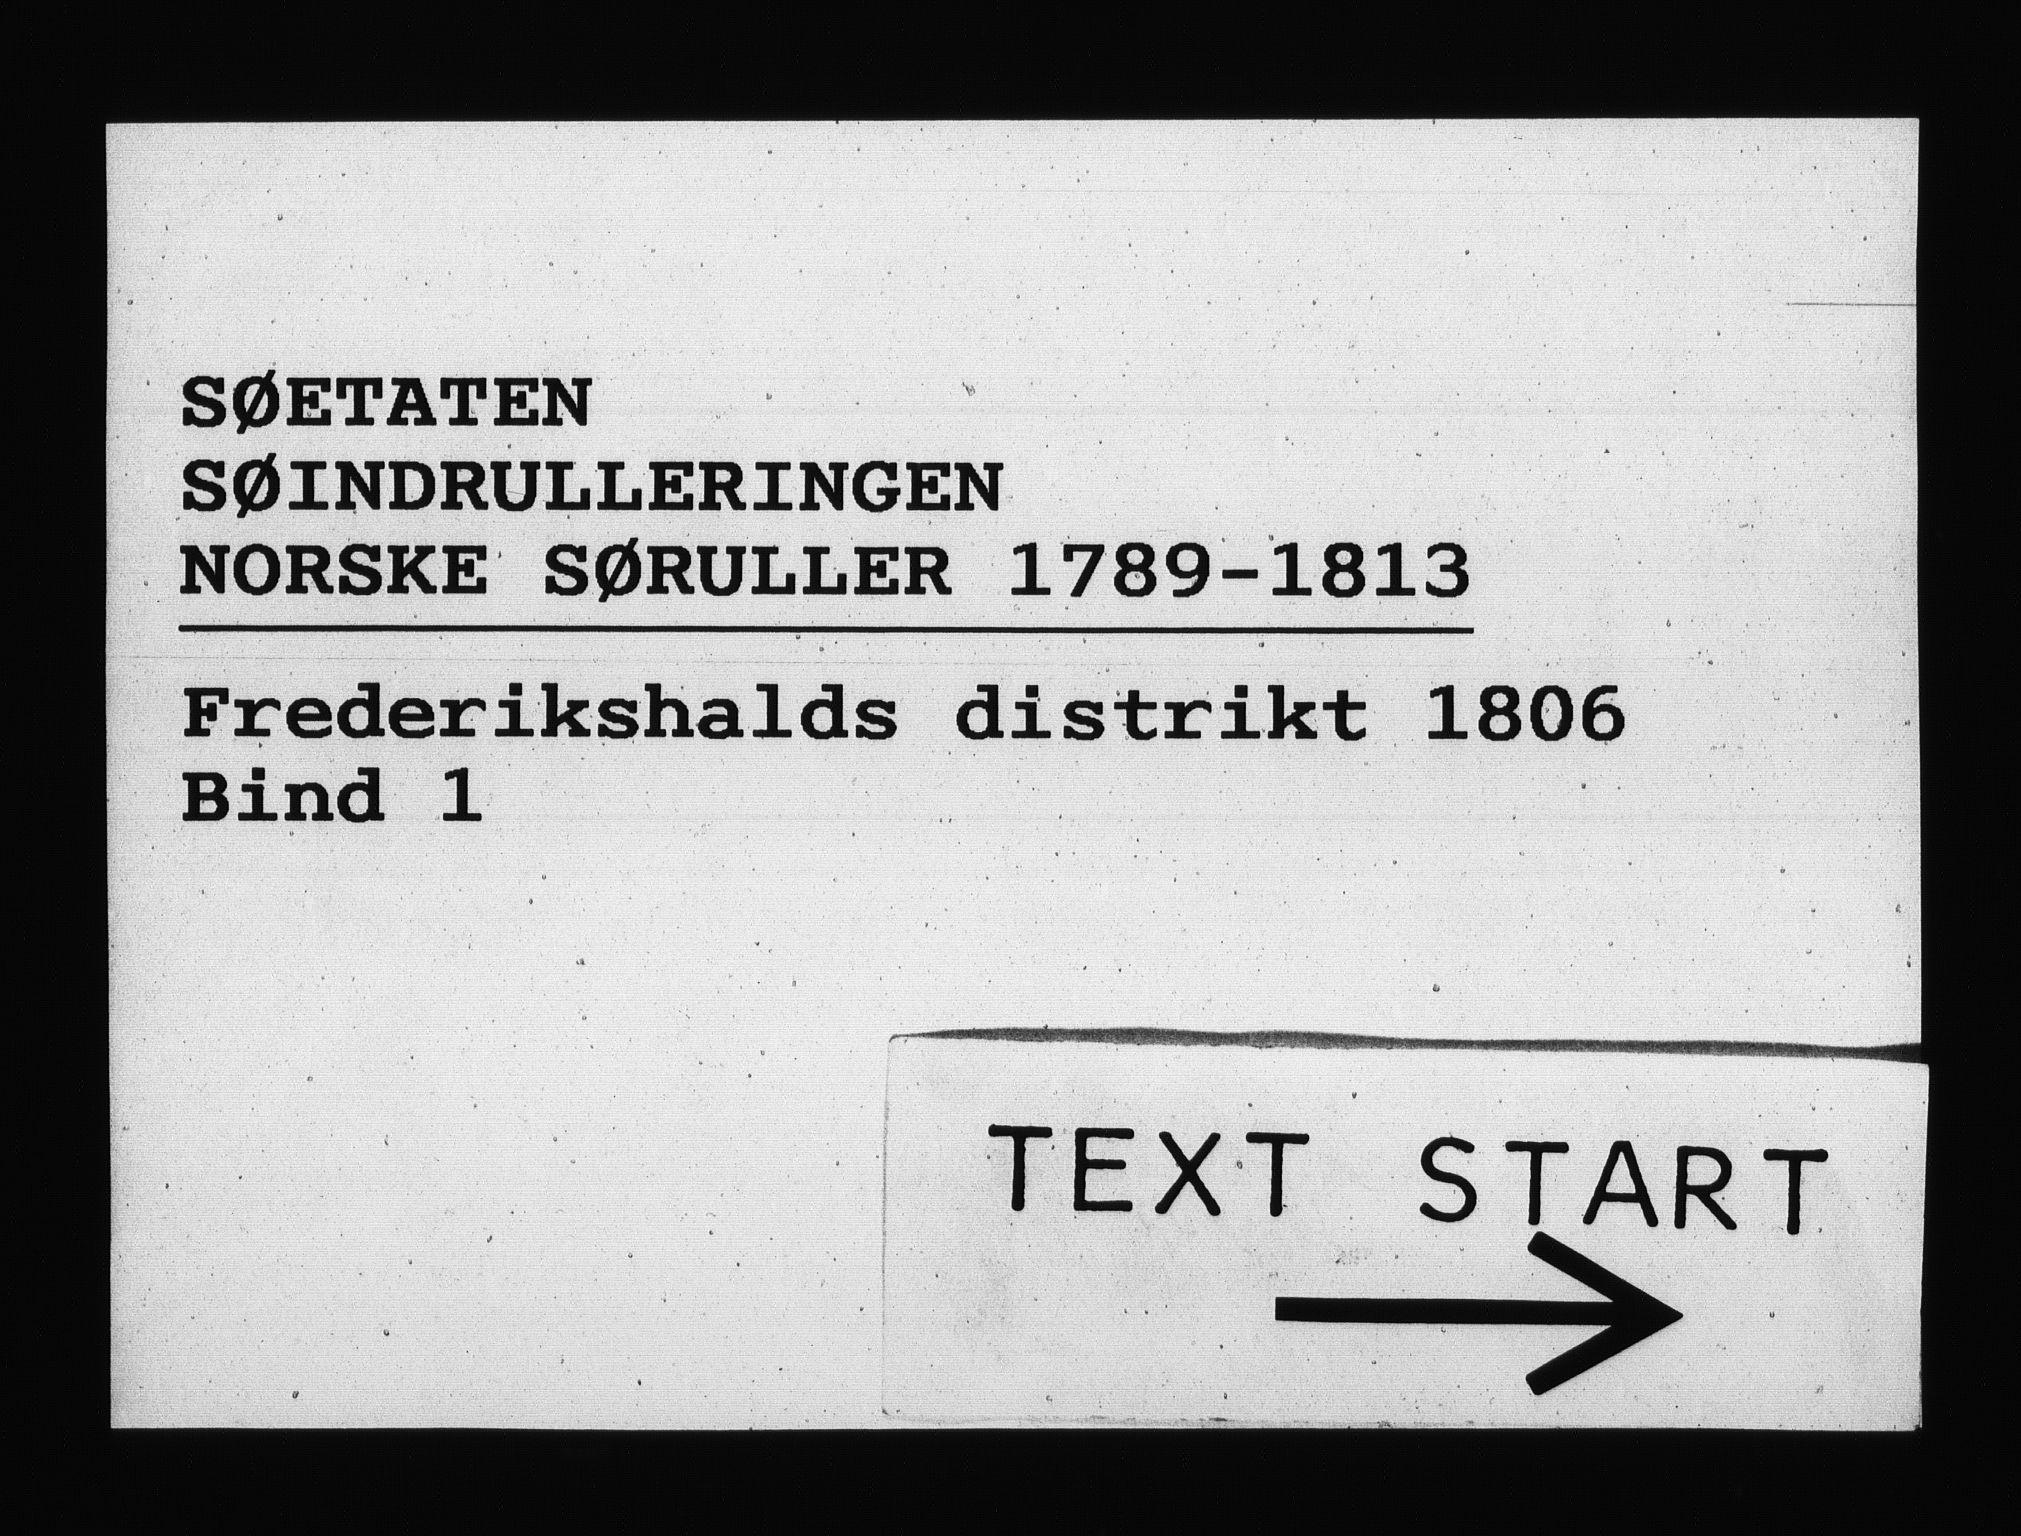 RA, Sjøetaten, F/L0200: Fredrikshalds distrikt, bind 1, 1806